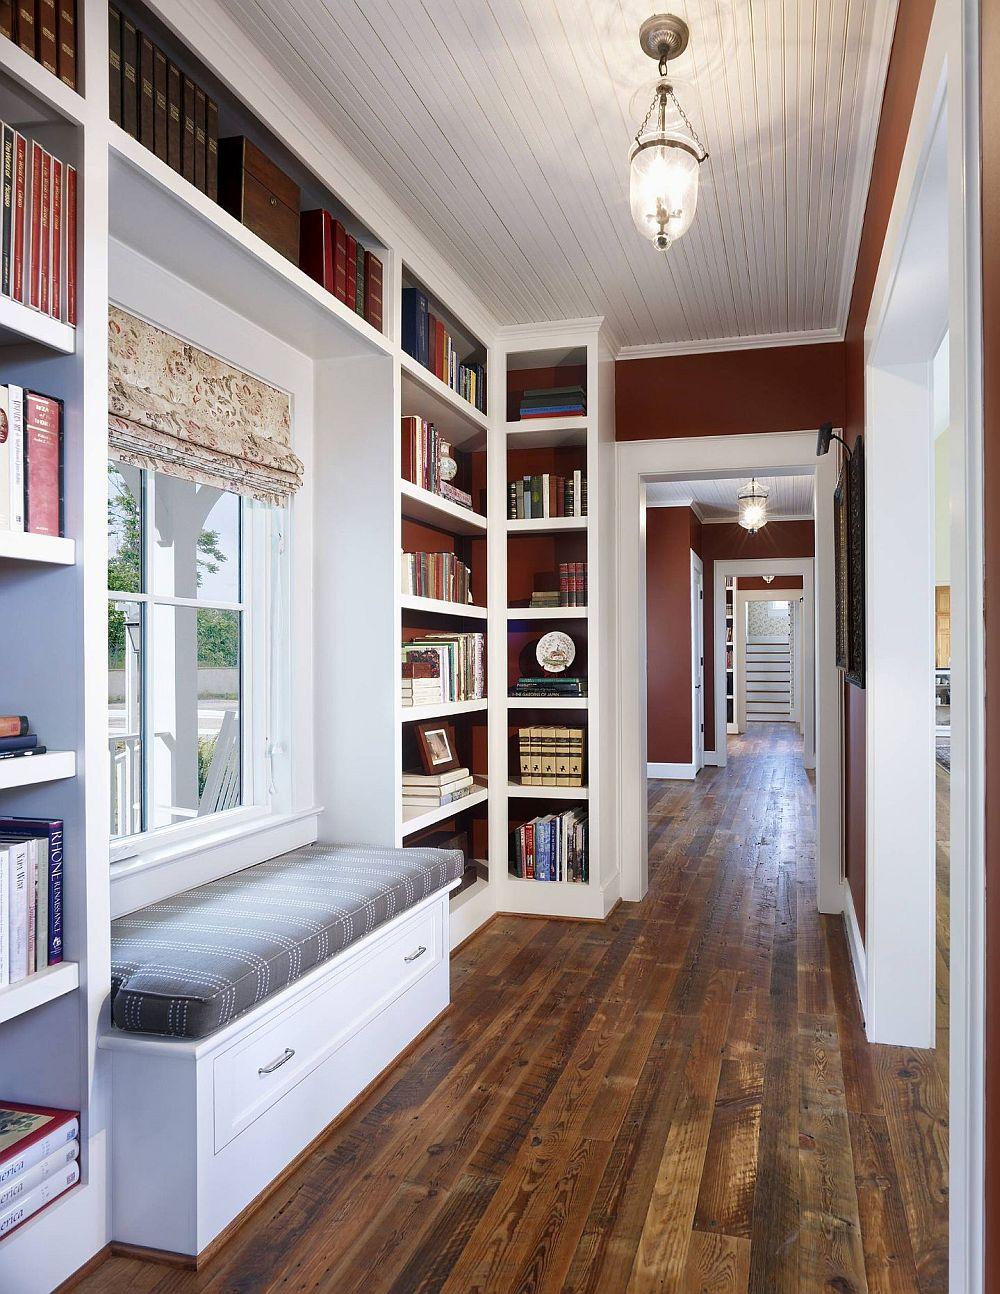 Cea mai sigură rețetă pentru un hol unde tâmplăria este albă, dar din materiale diferite, este să alegi albul pentru mobilier, cu ajutorul căruia poți lega golurile. Și, dacă vrei culoare, interiorul mobilierului poate fi colorat, acolo unde există rafturi.